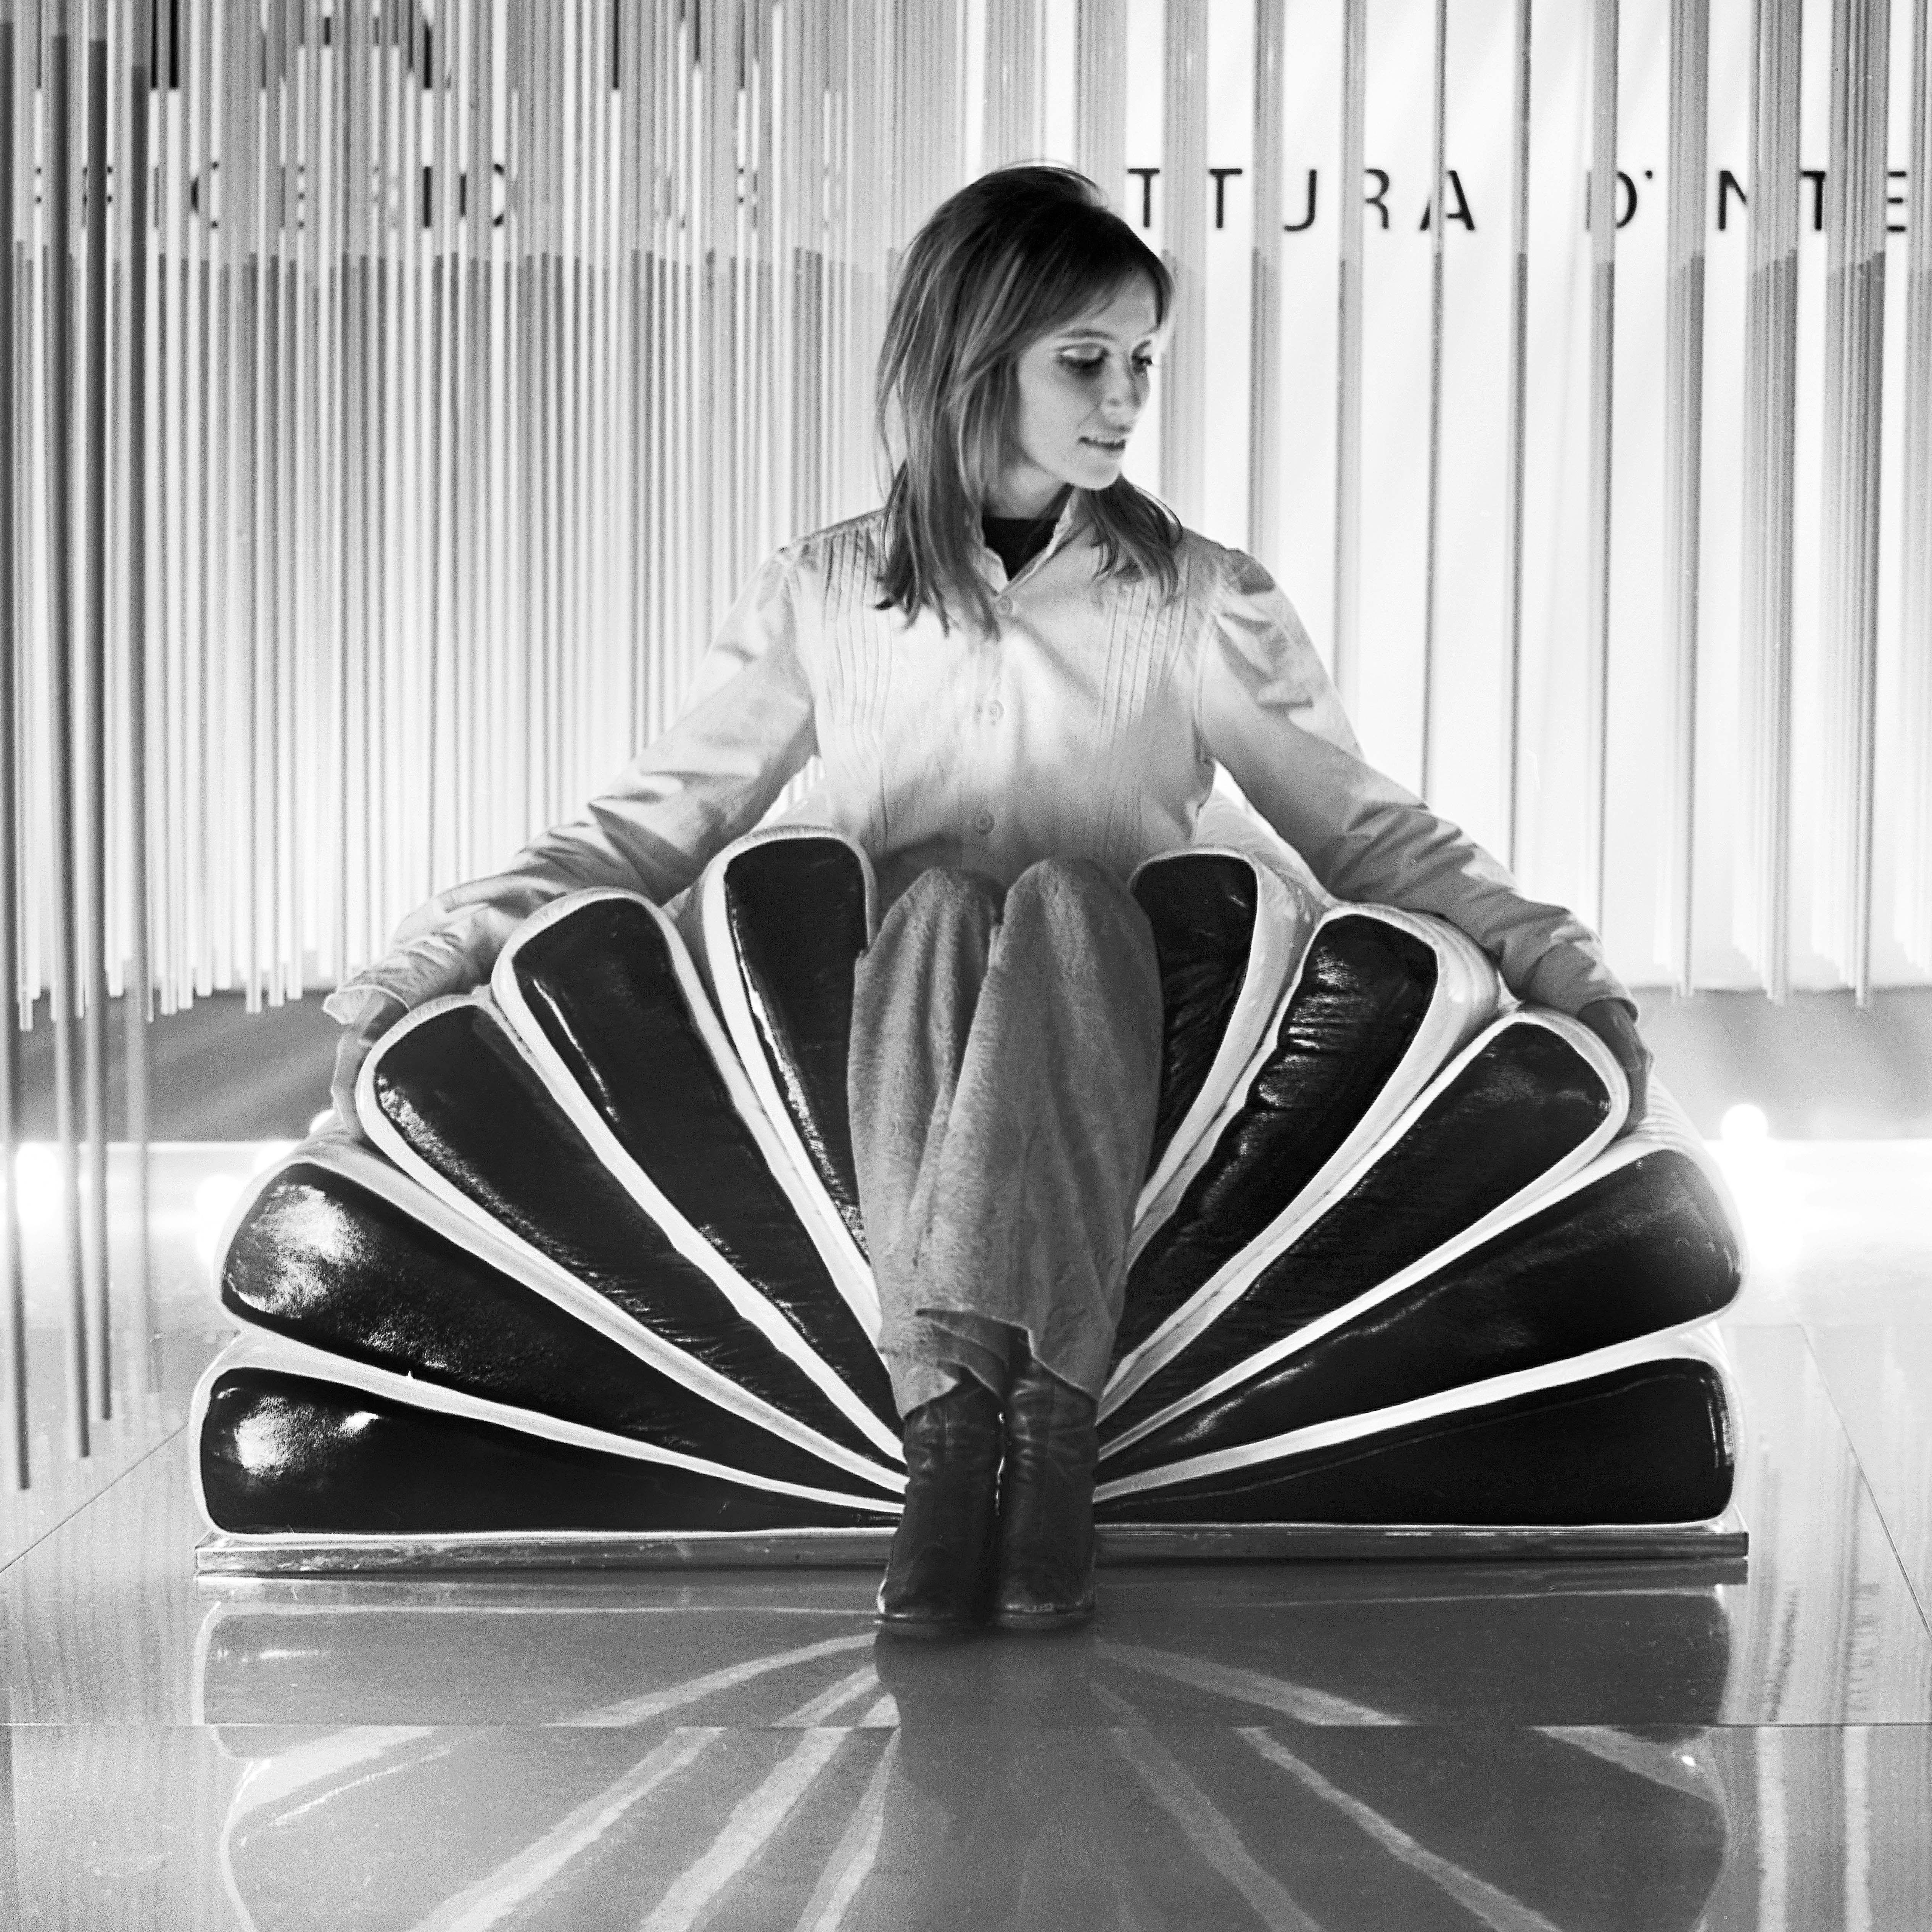 Libro chair designed by Gianni Pareschi and Umberto Orsini     Credit: Università IUAV di Venezia - Archivio Progetti, Fondo Giorgio Casali